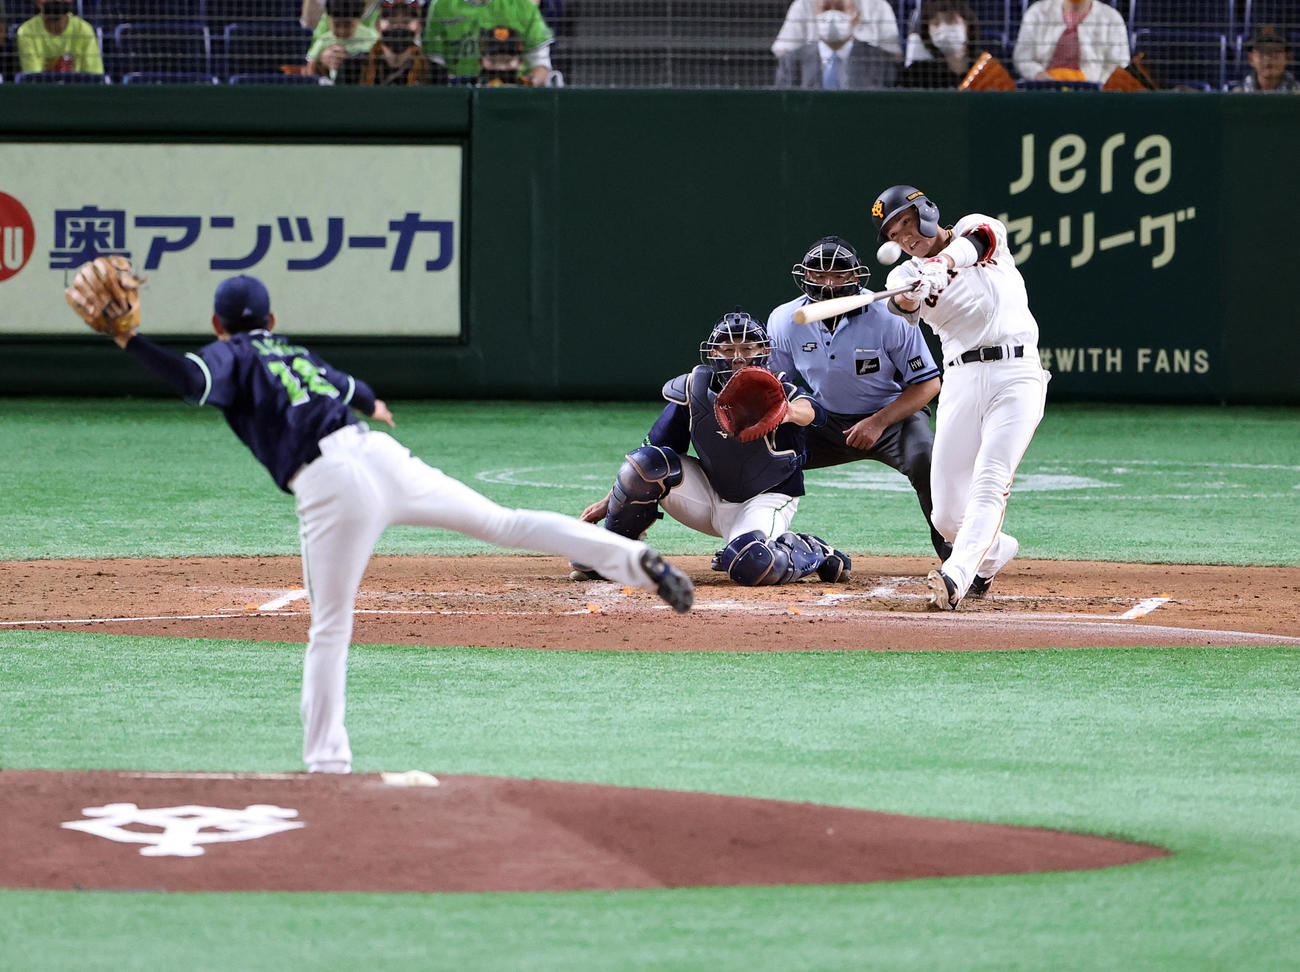 巨人対ヤクルト 2回裏巨人2死二塁、左越え2点本塁打を放つ坂本。投手原(撮影・浅見桂子)